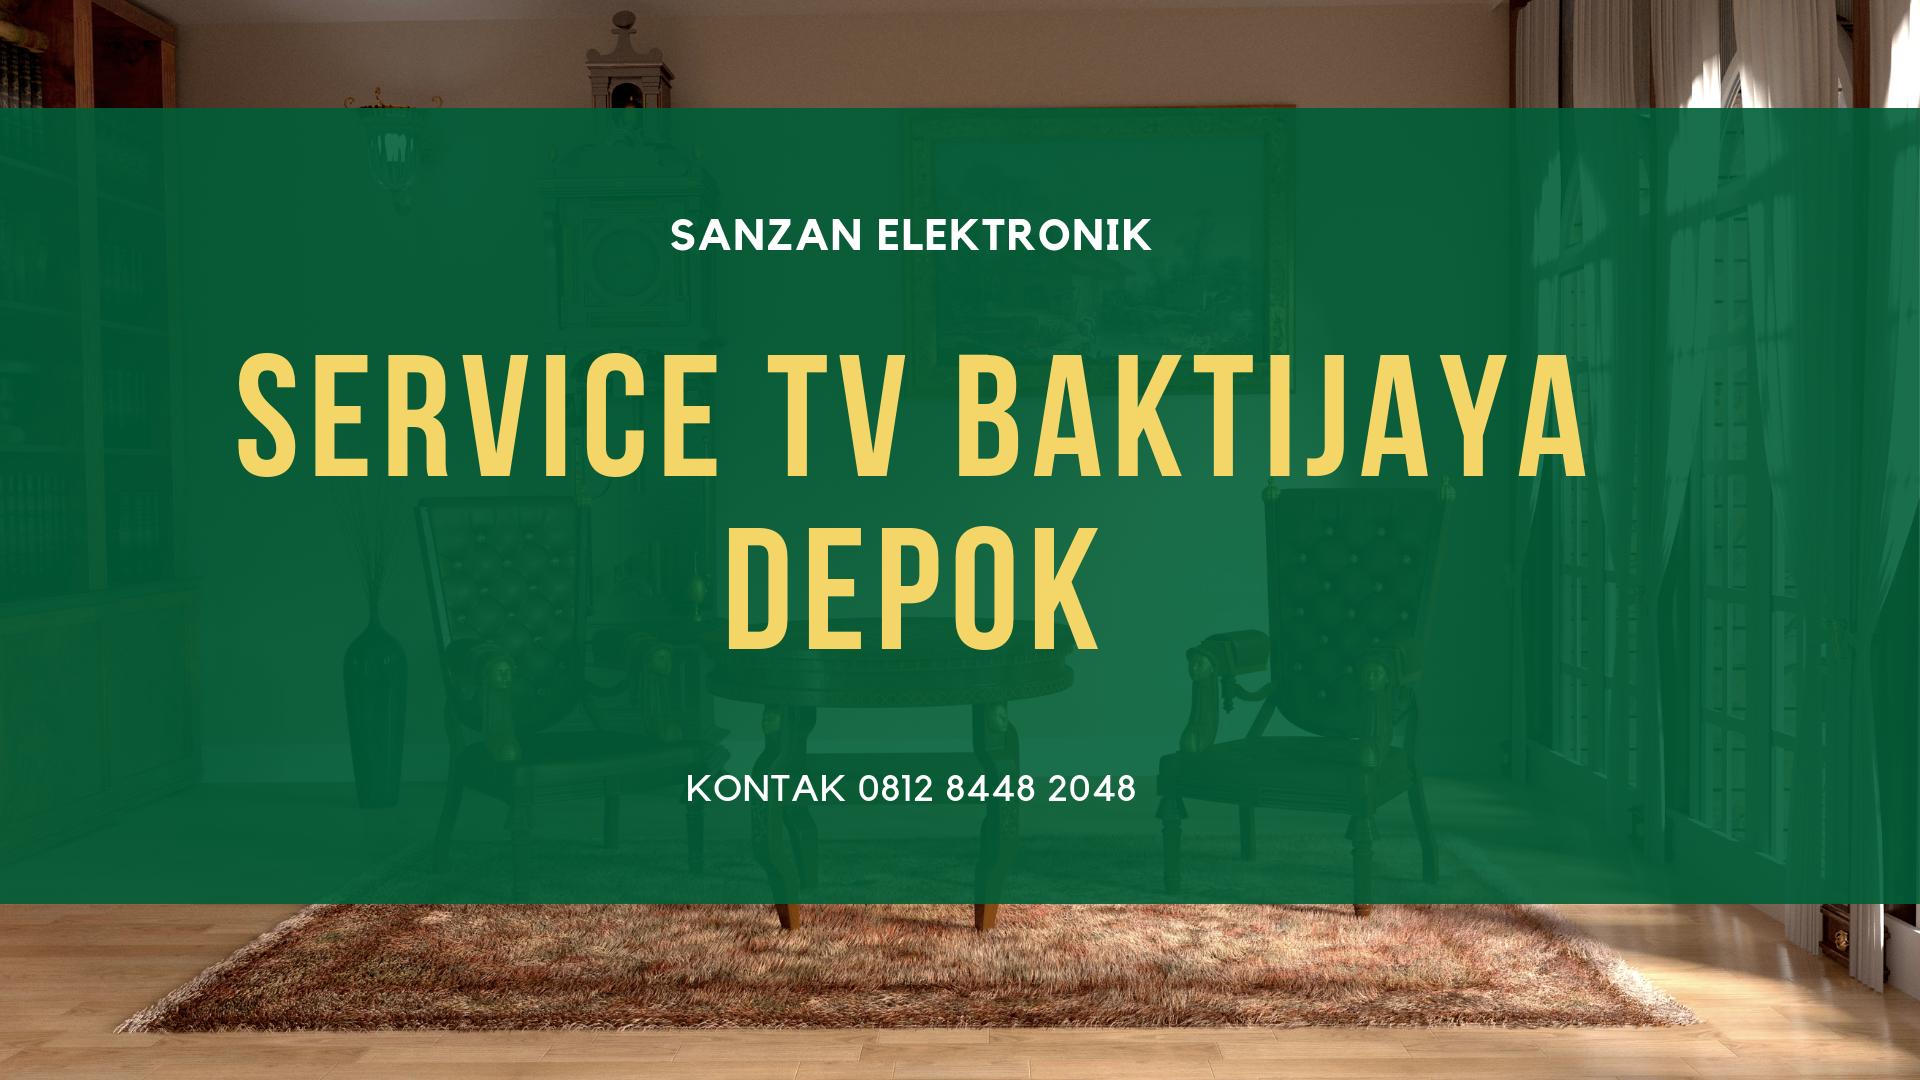 Service TV Baktijaya Depok